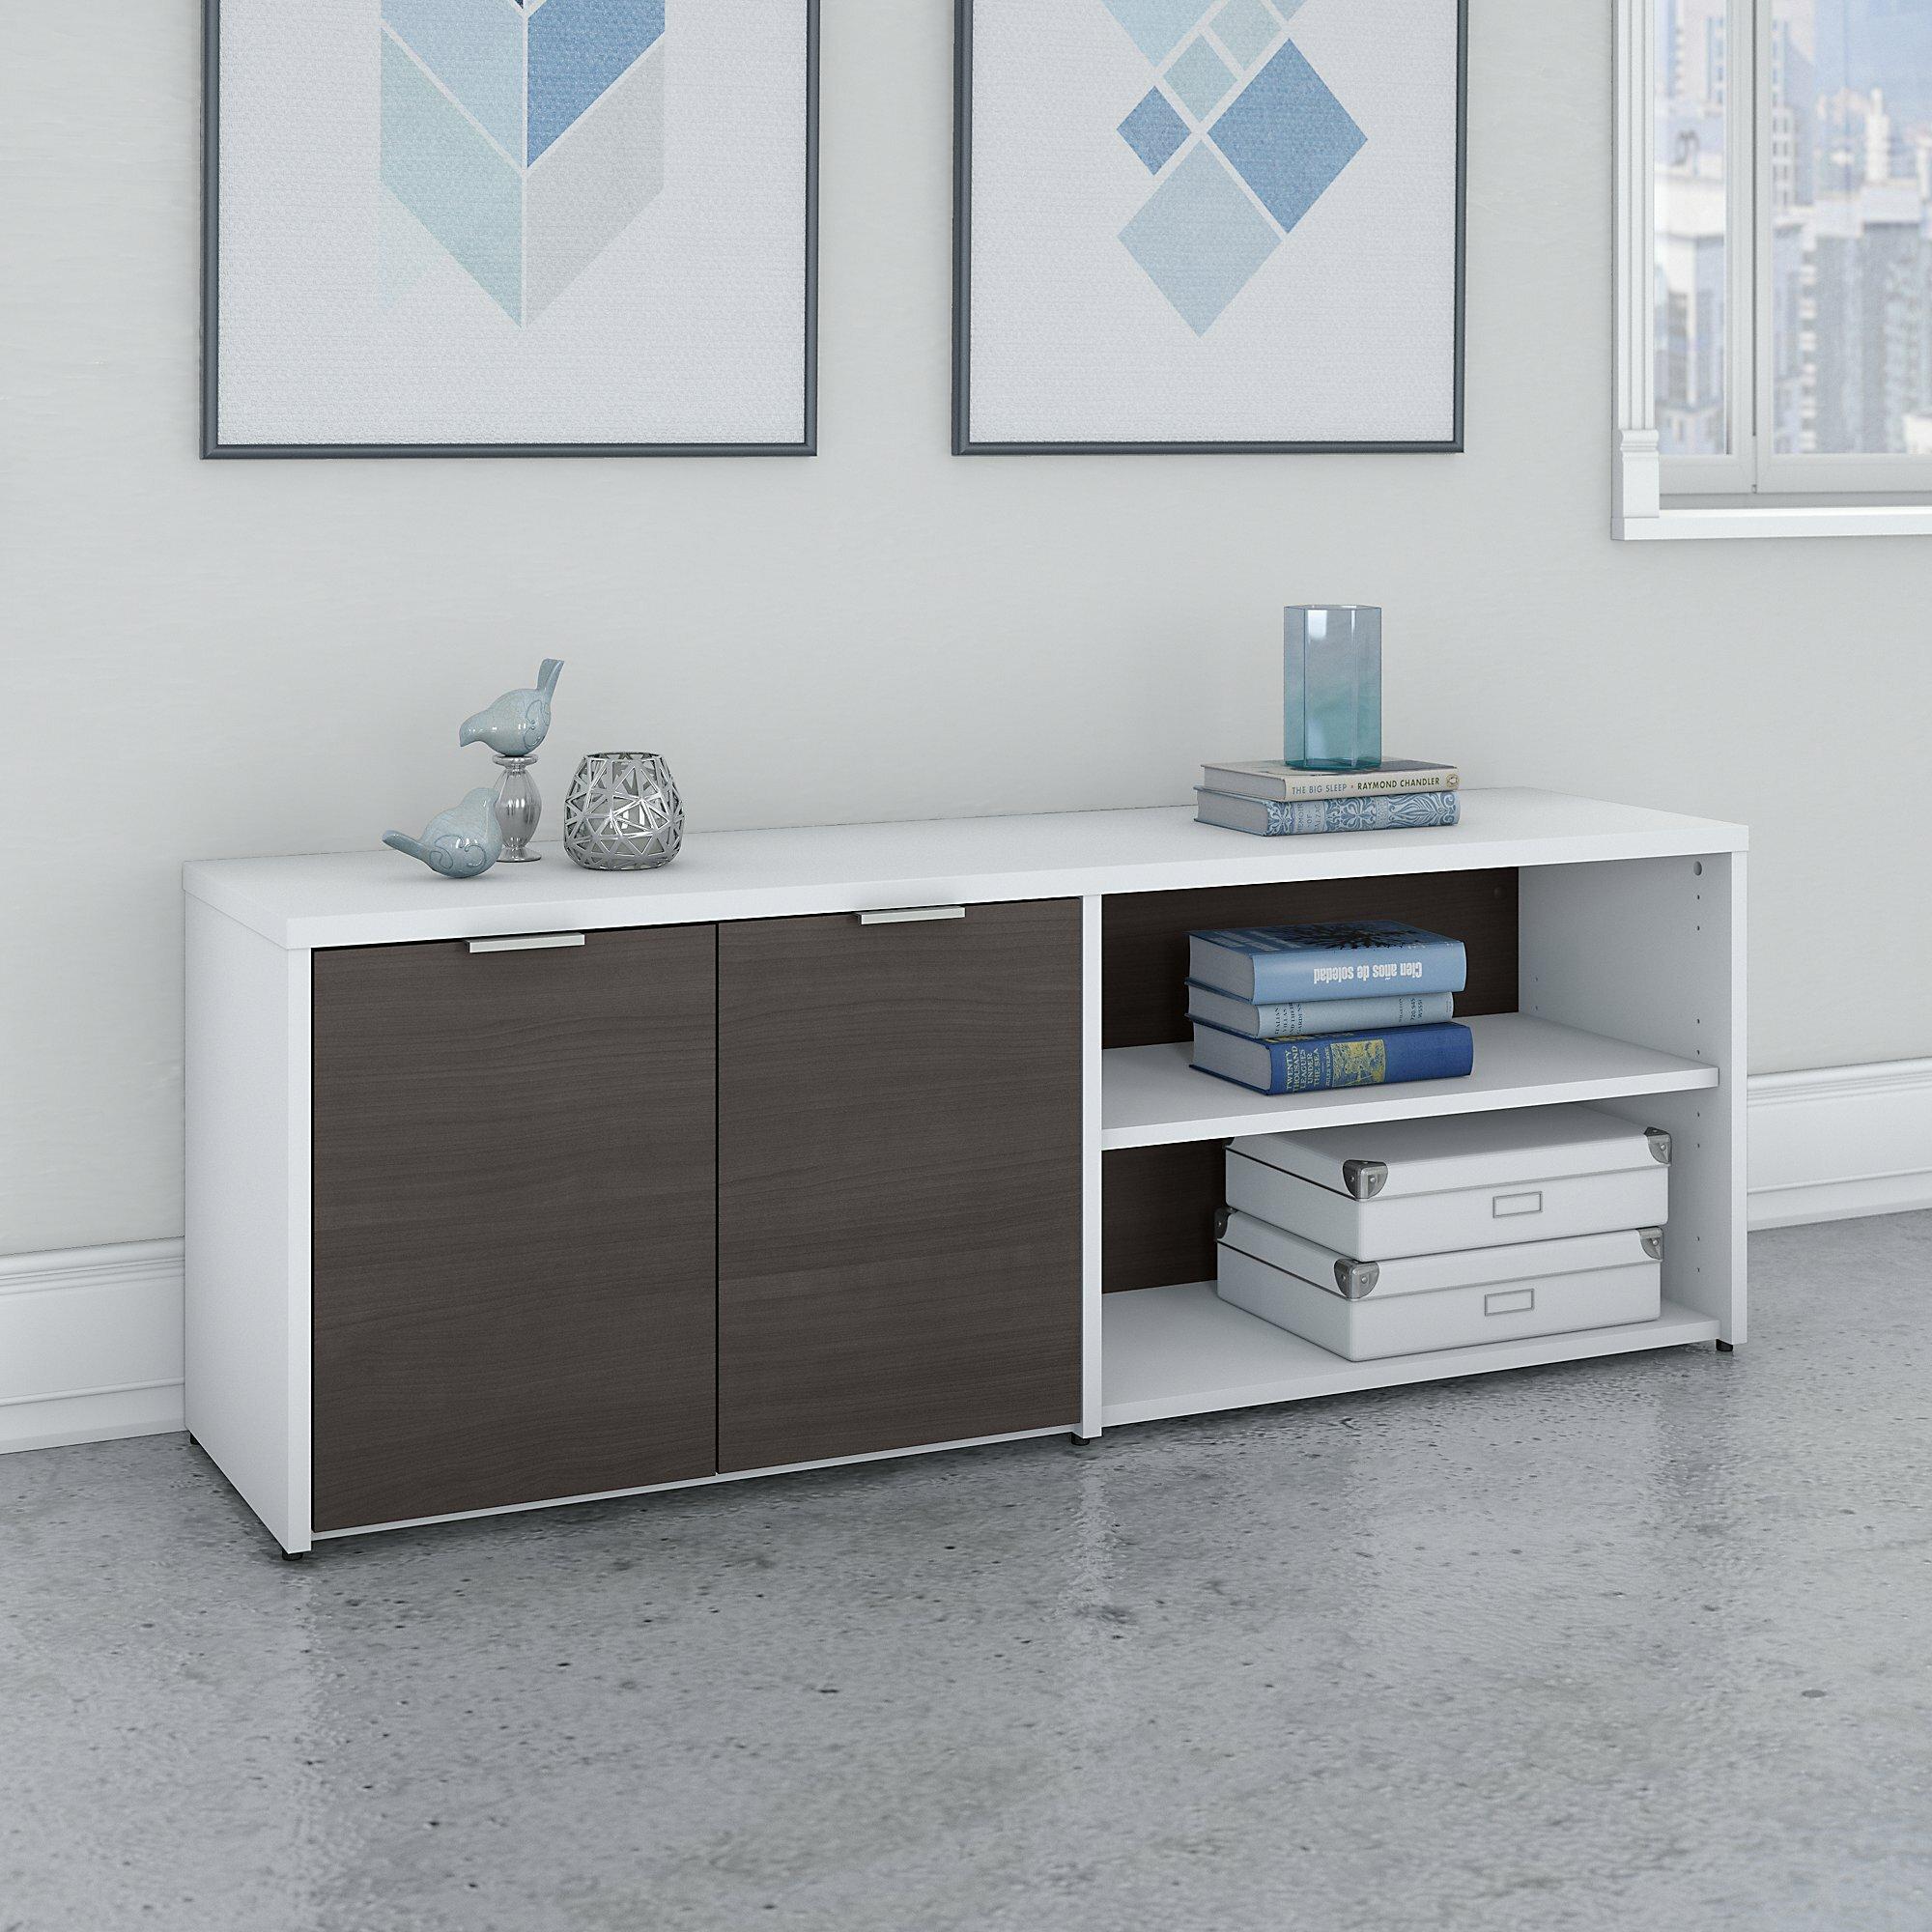 Furniture Jamestown Low Storage Cabinet